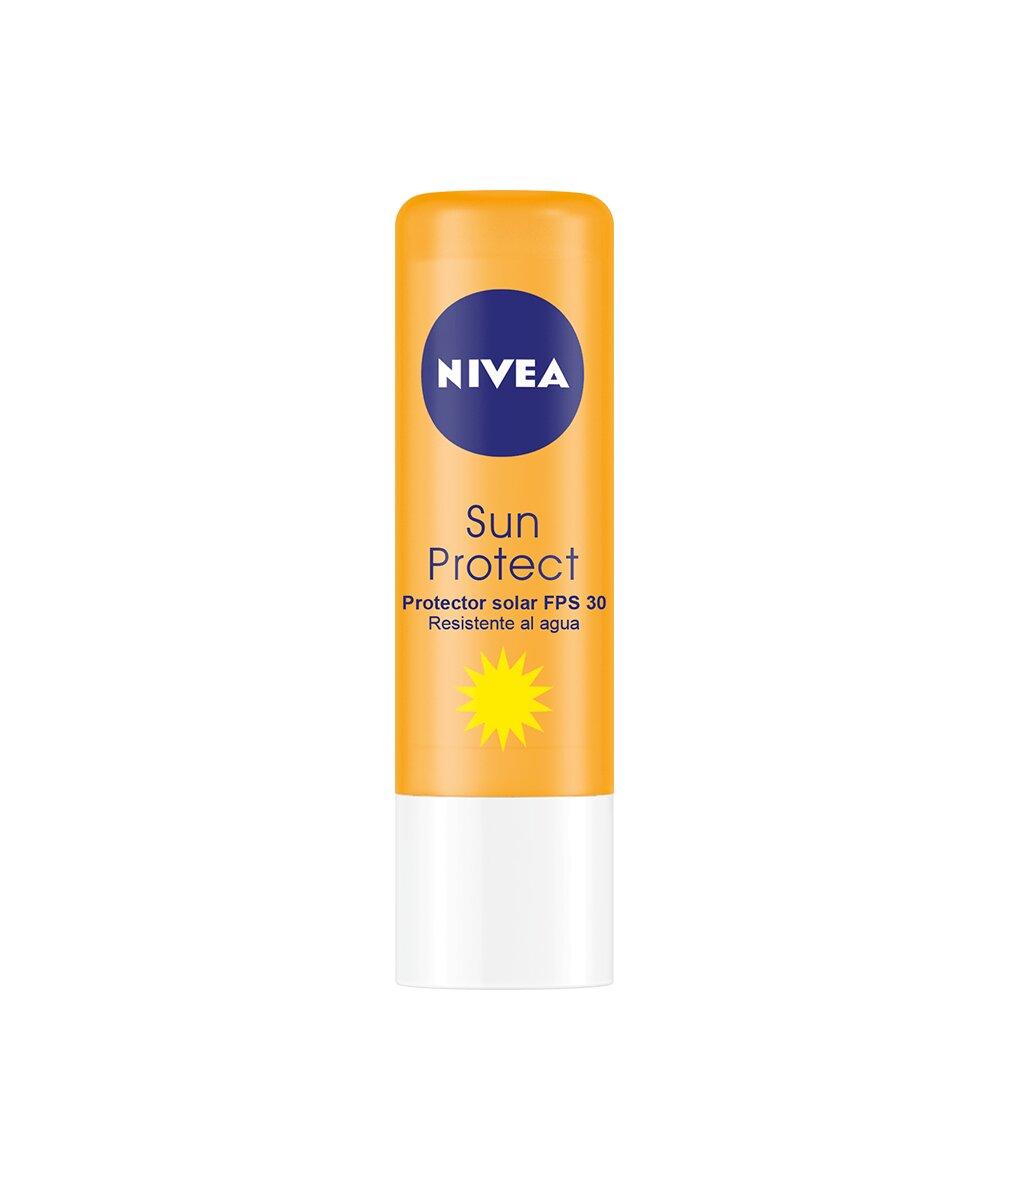 Nivea - Protector labial solar, factor de protección solar 30